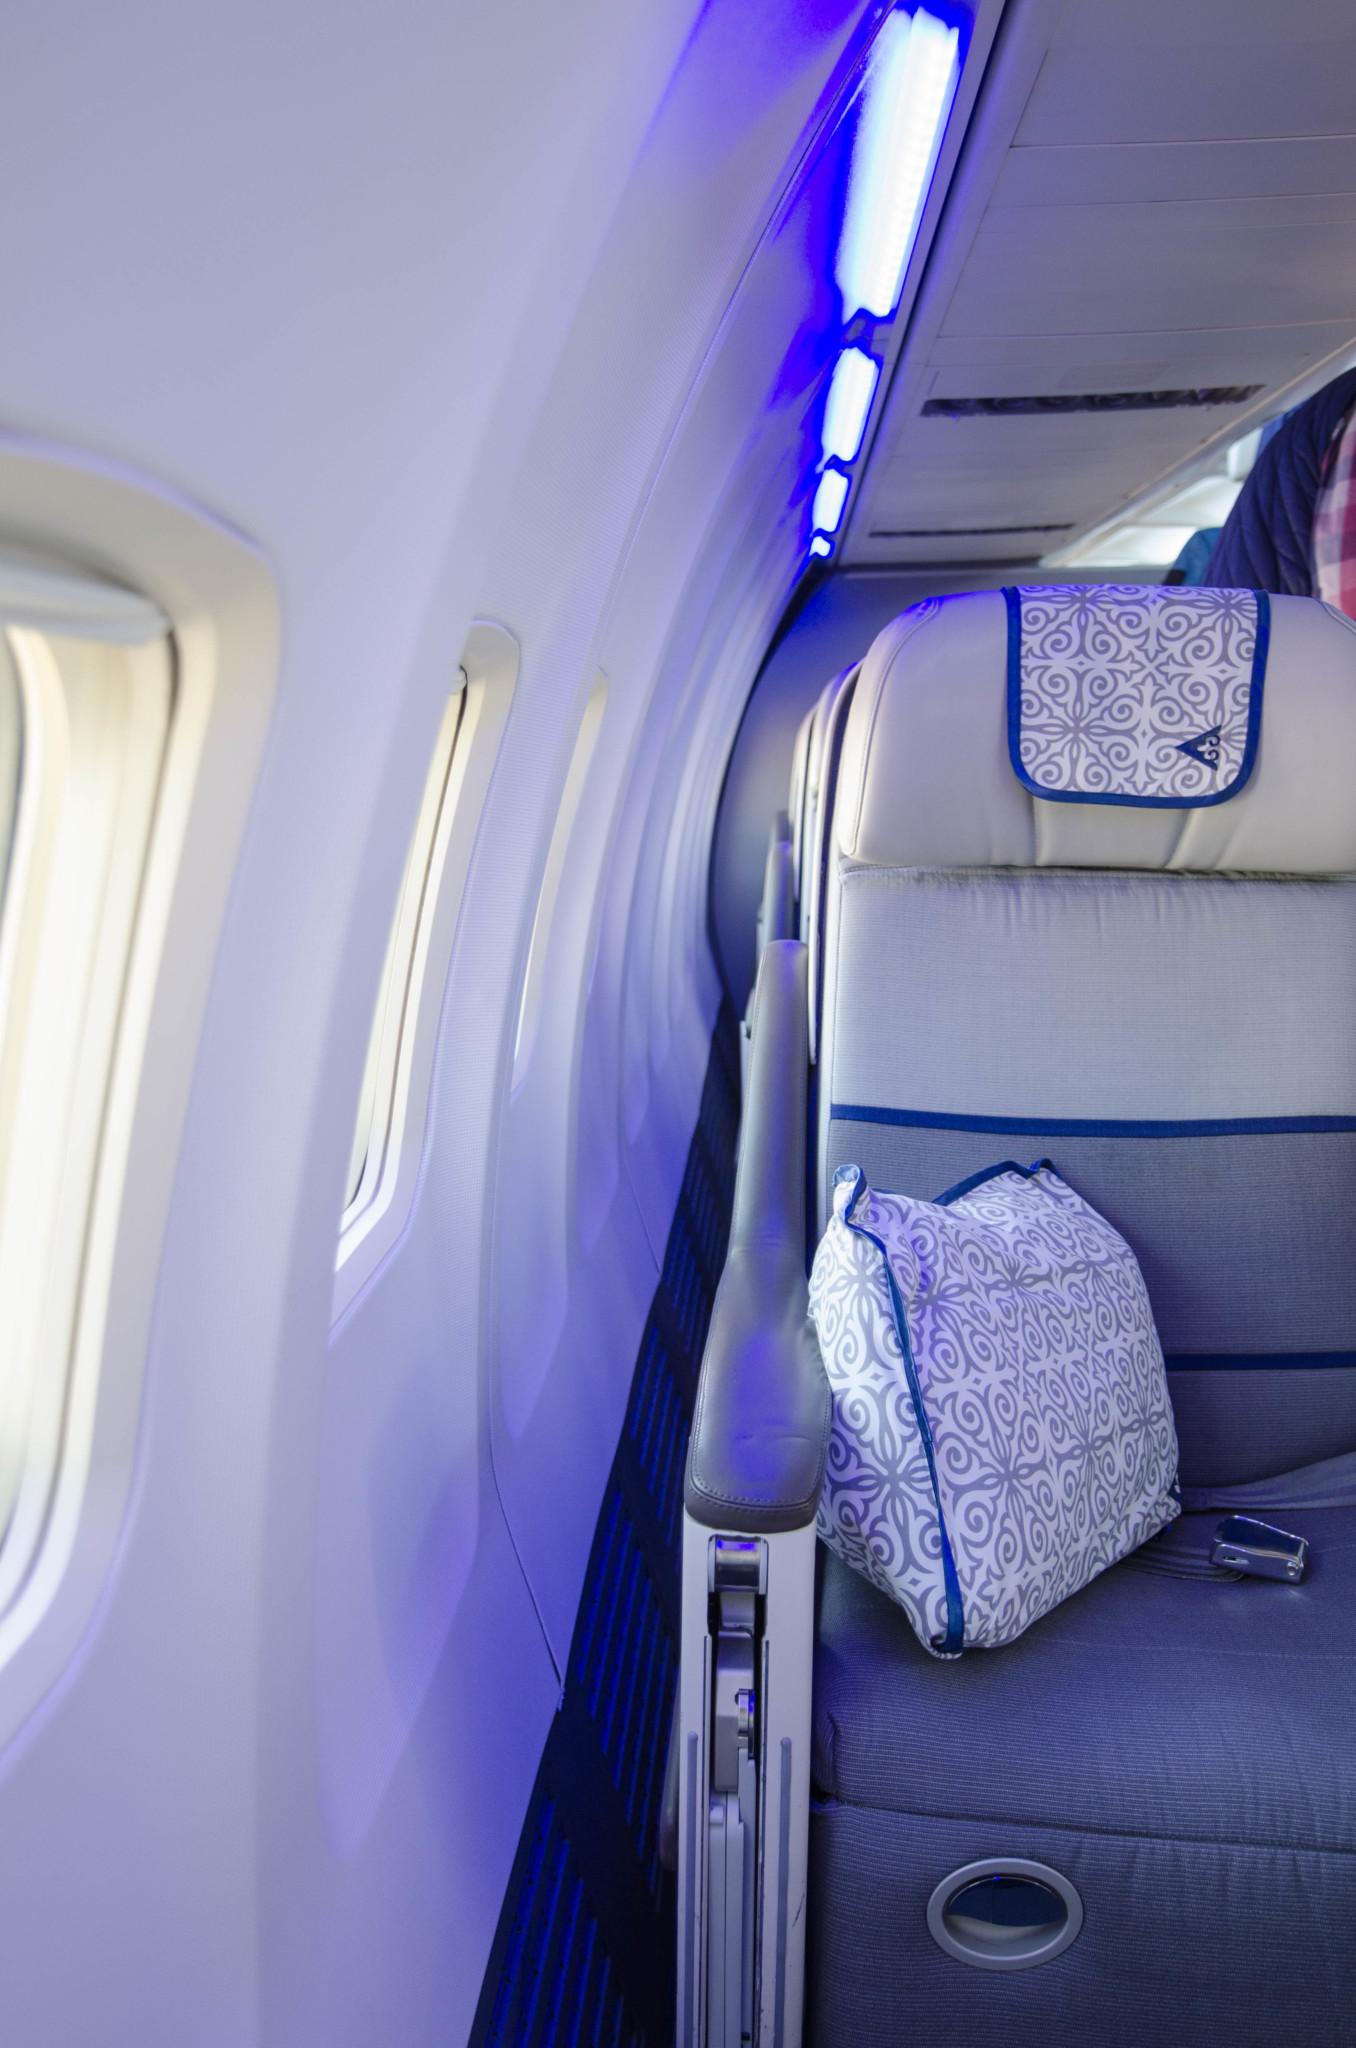 Futuristisches Design in der Kabine von Air Astana